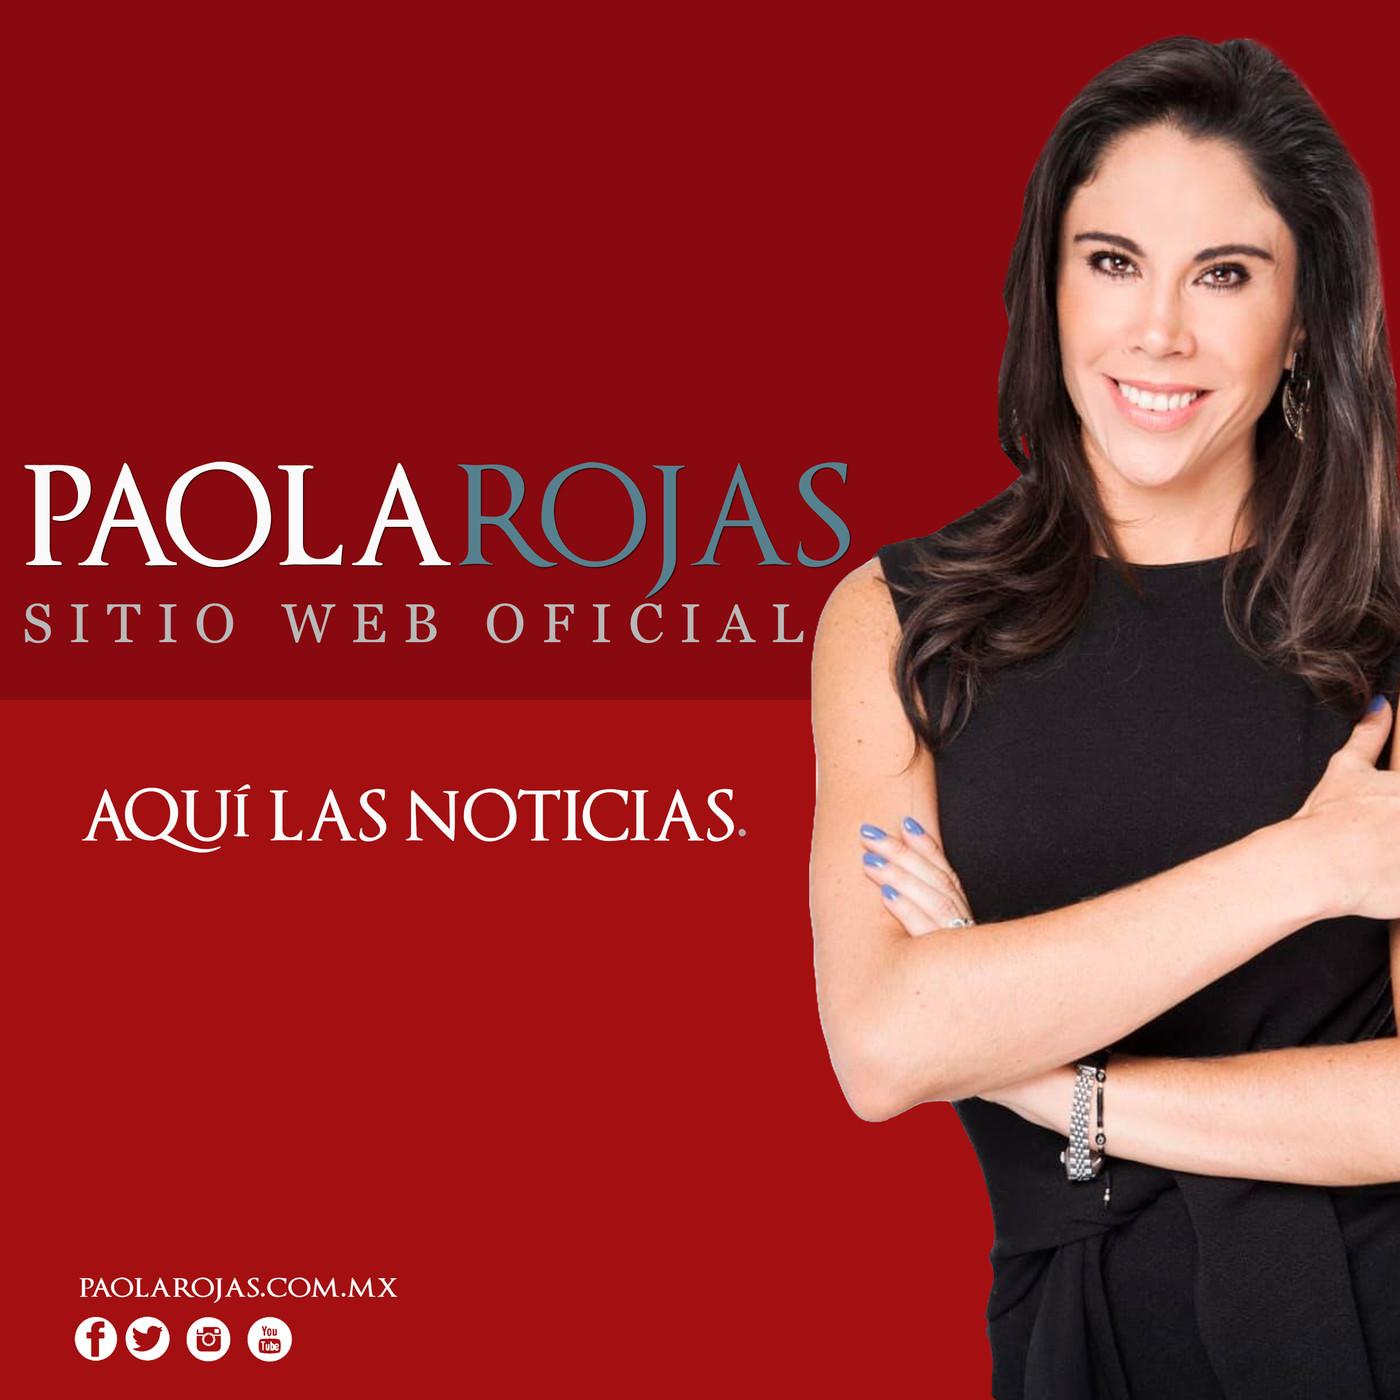 Aquí las noticias con Paola Rojas